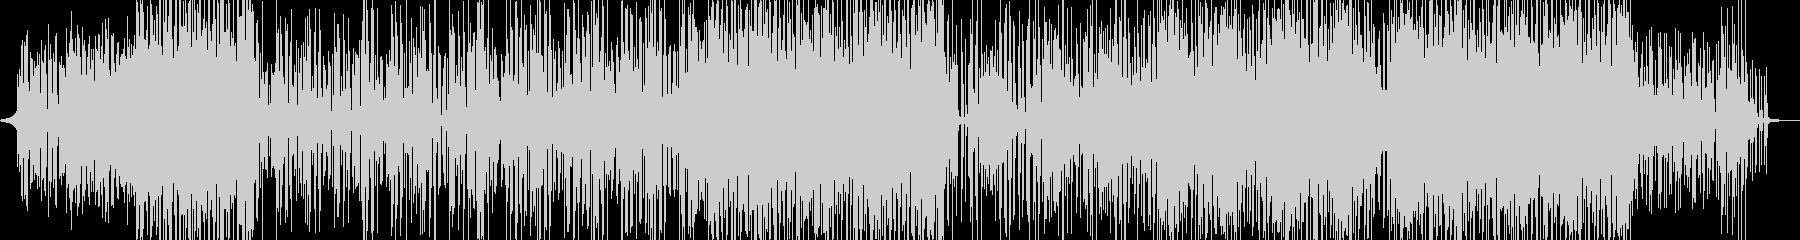 ゆるく賑やか・コミカルなレゲェ 短尺の未再生の波形